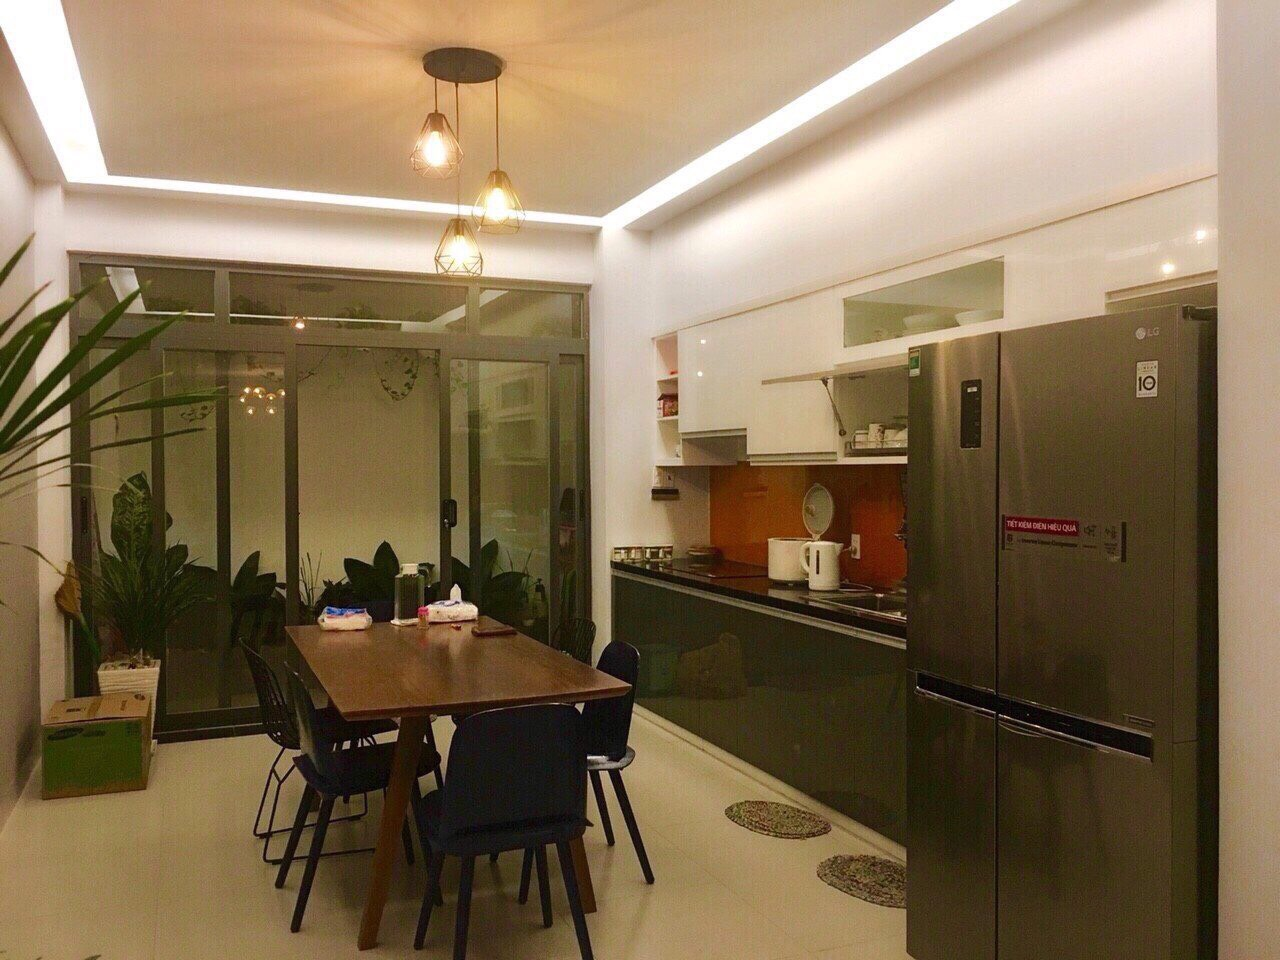 Bán nhà phố 229m2 ở phường Linh Đông quận Thủ Đức